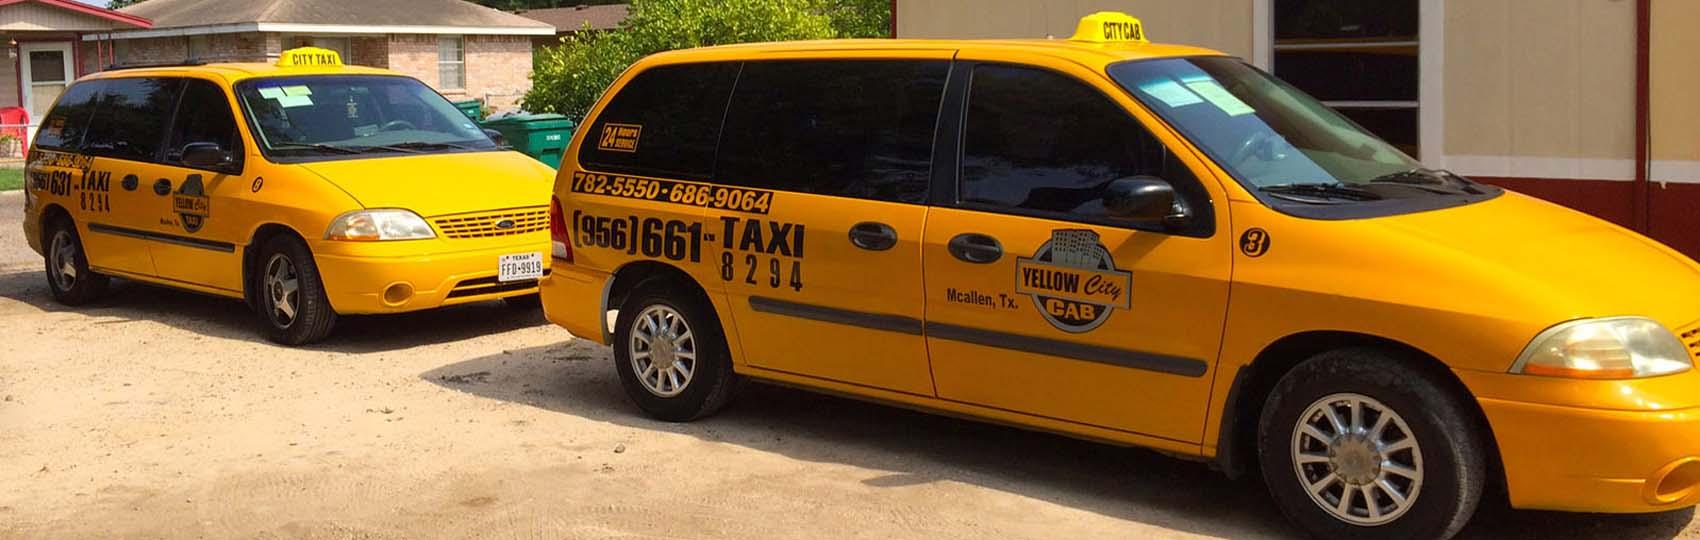 Noticias del sector del taxi y la movilidad en Texas. Mantente informado de todas las noticias del taxi de Texas en el grupo de Facebook de Todo Taxi.